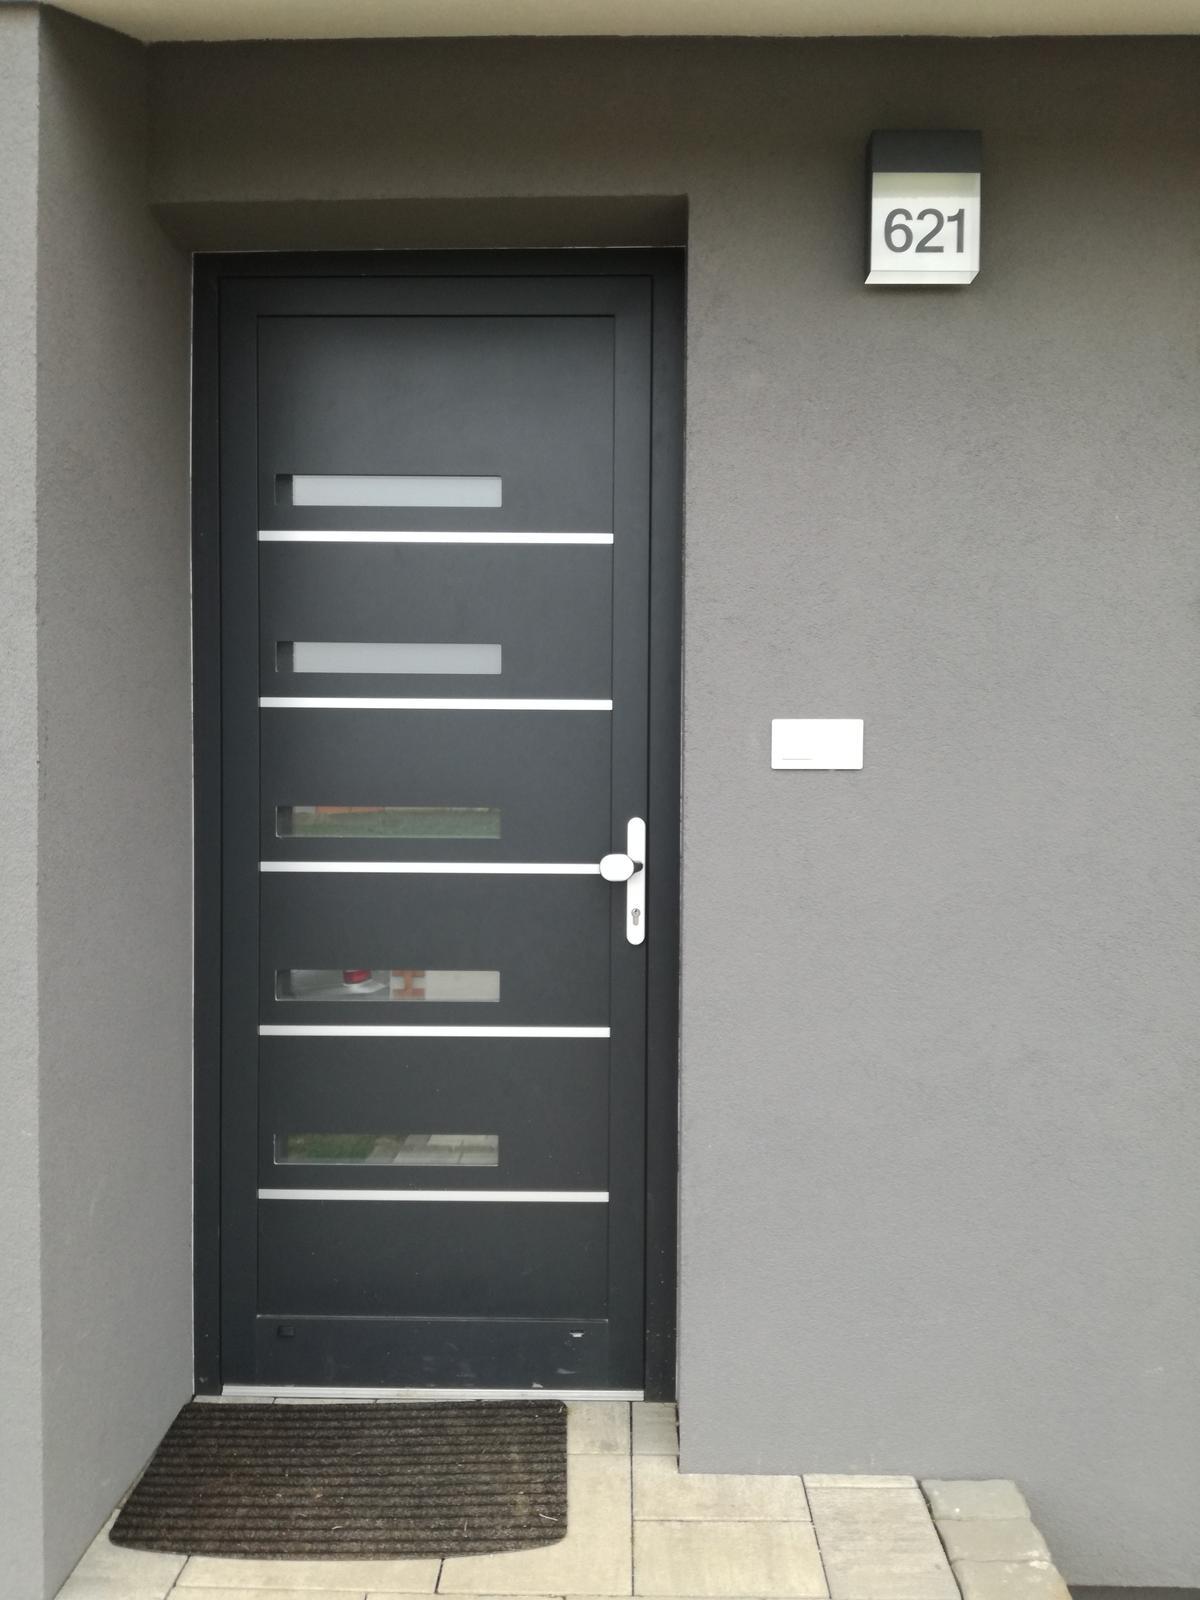 Minidomček pod Karpatmi - Svietime a rovno aj s cislom :-) ... ta biela oná okolo dveri ma nenormalne rozčuluje